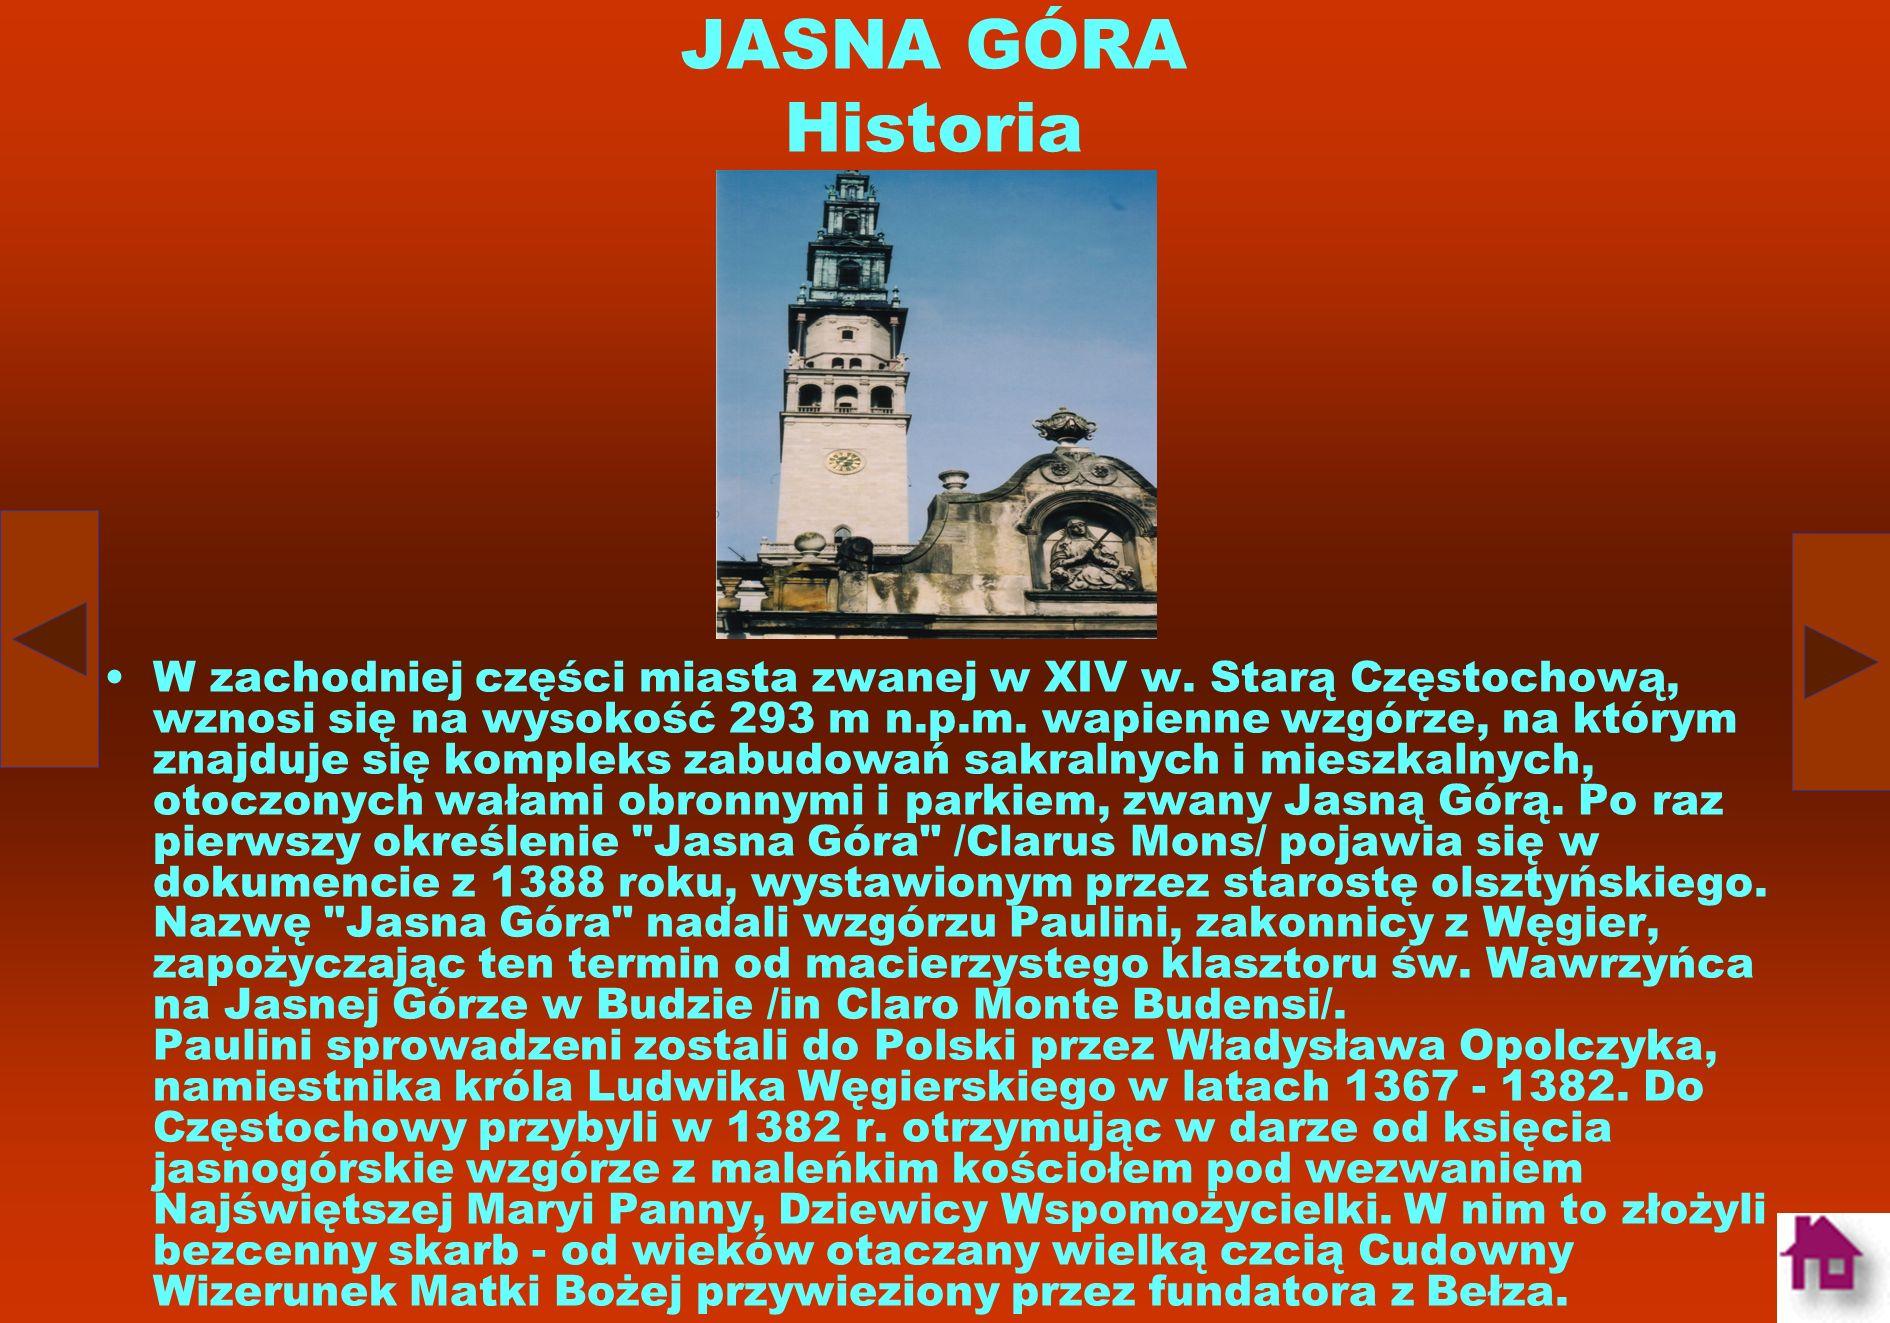 Jasna Góra (łac. Clarus Mons) – zespół klasztorny zakonu paulinów w Częstochowie. Jest jednym z najważniejszych miejsc kultu maryjnego w tej części Eu